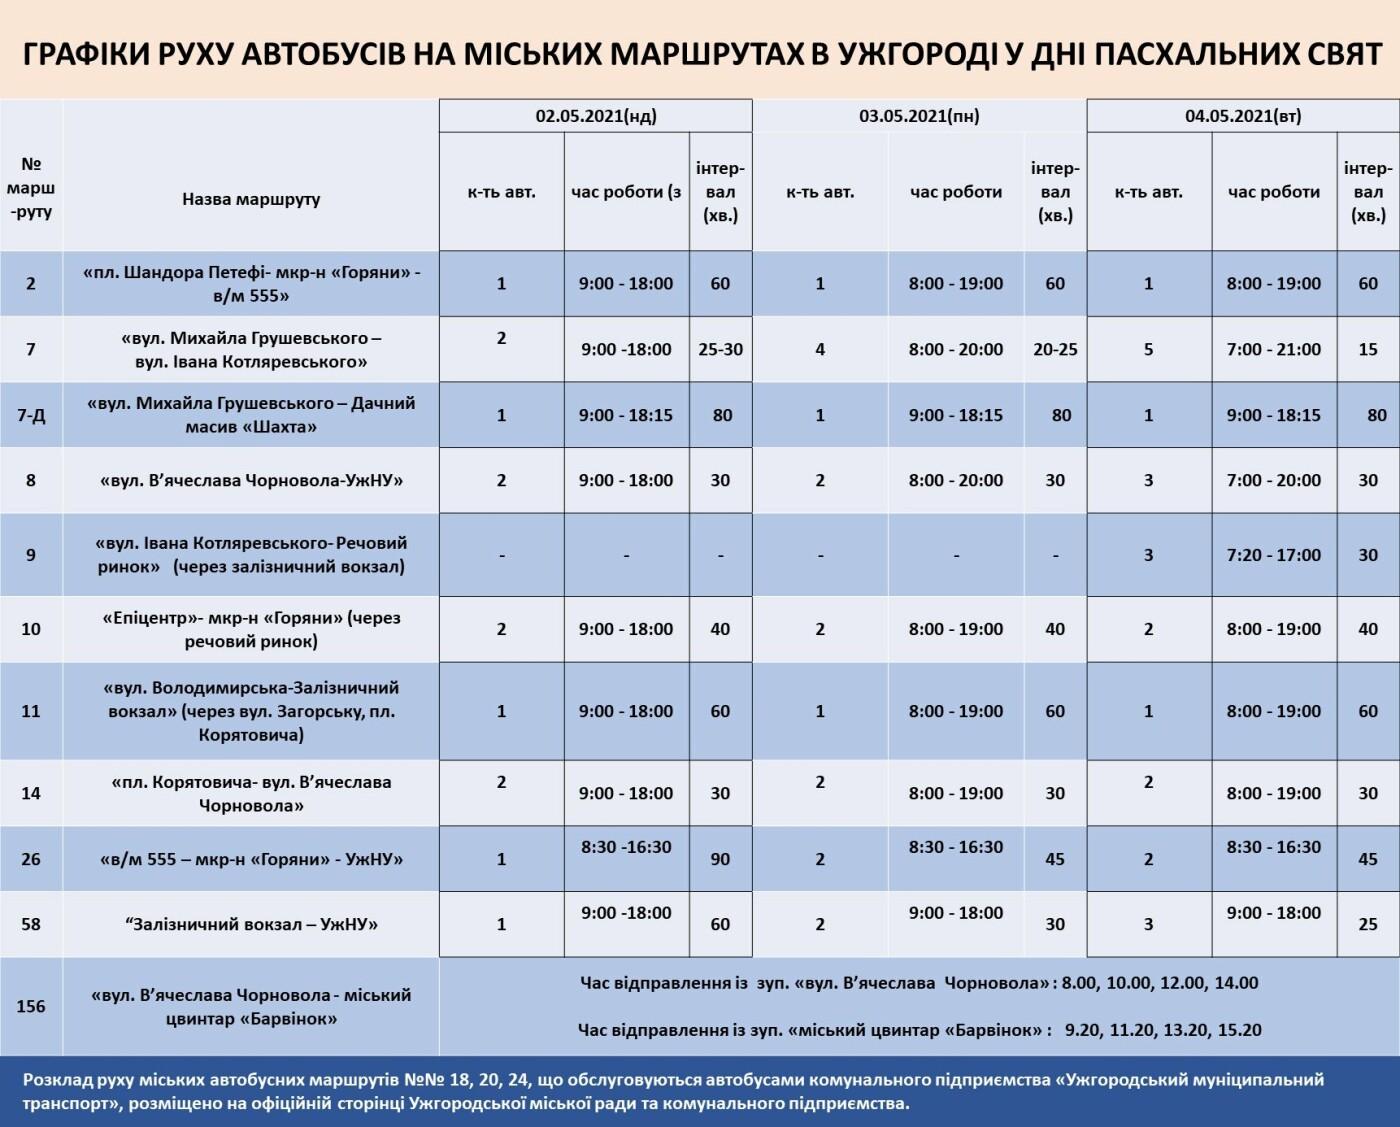 Стало відомо як в Ужгороді курсуватимуть міьскі автобуси 1-4 травня, фото-1